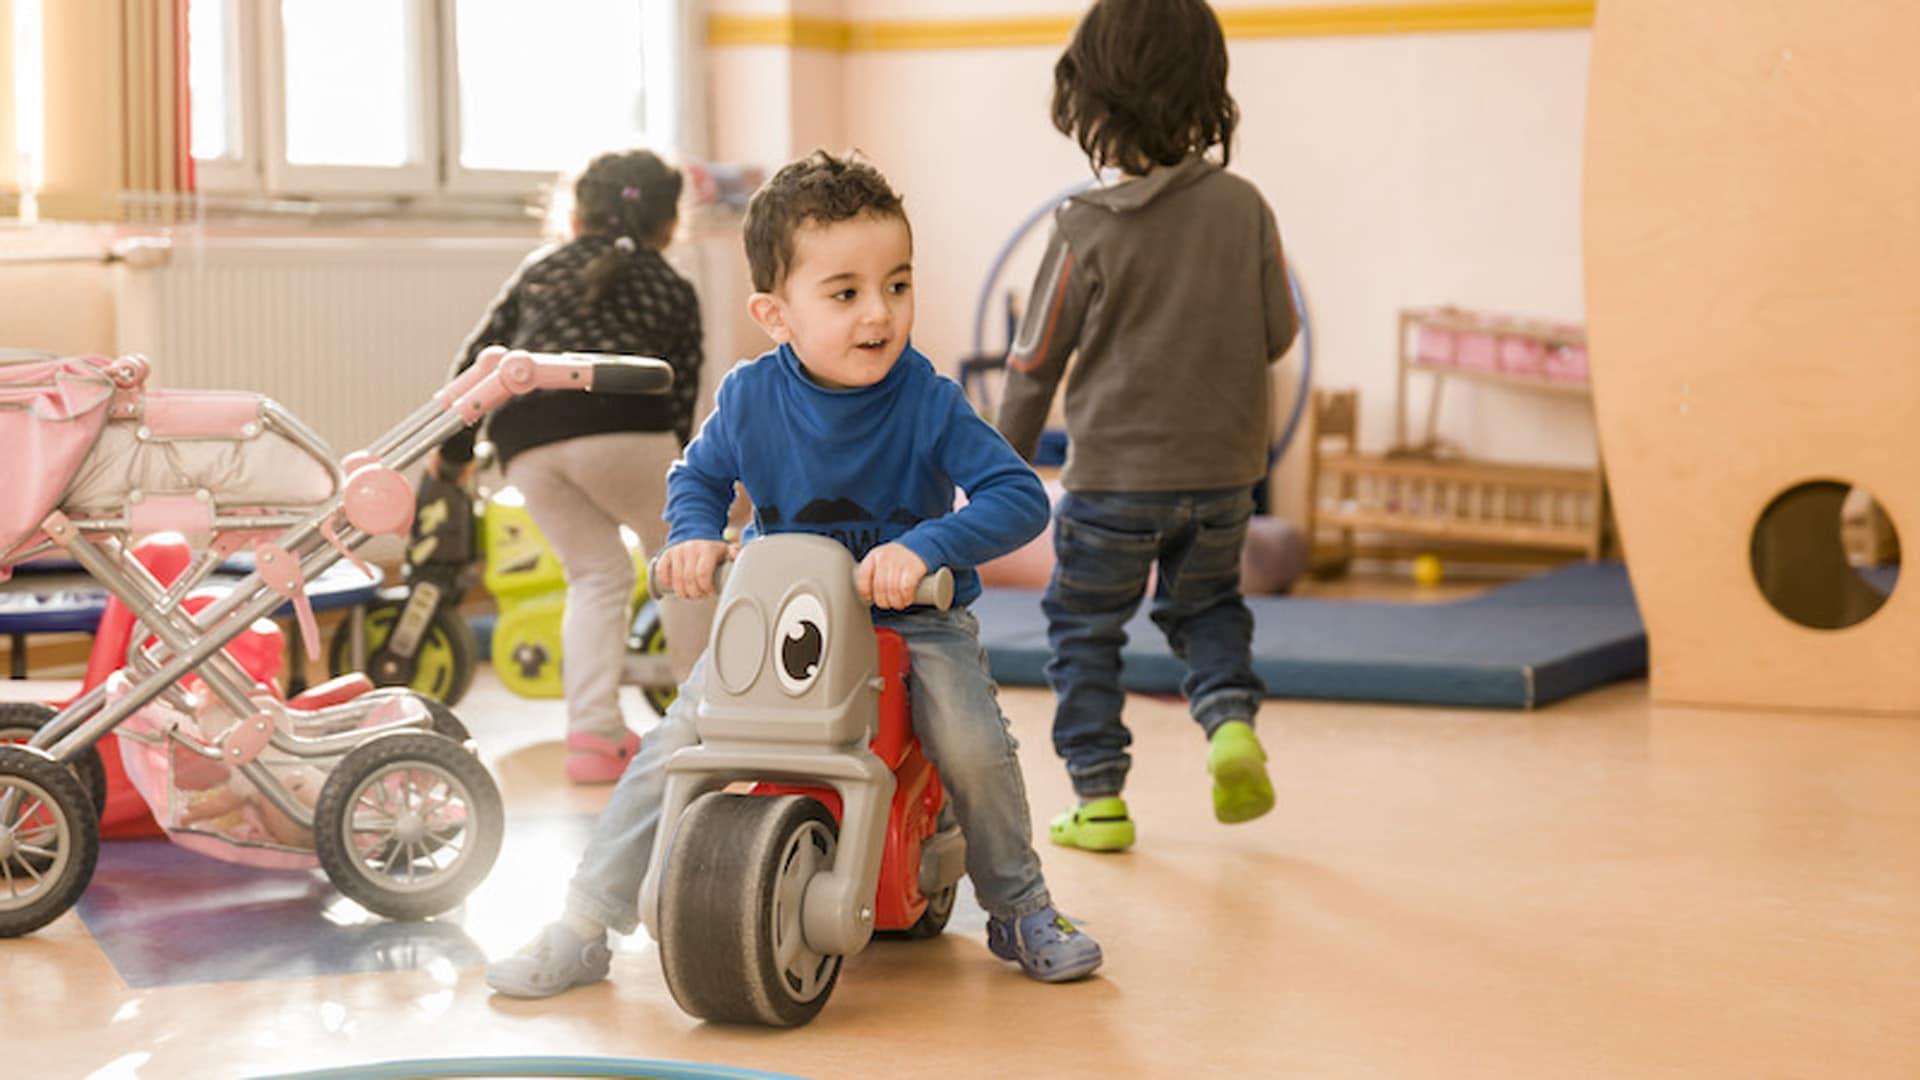 Für die Kinder ist die Arche in den verschiedenen Städten eine enorm wichtige Anlaufstätte